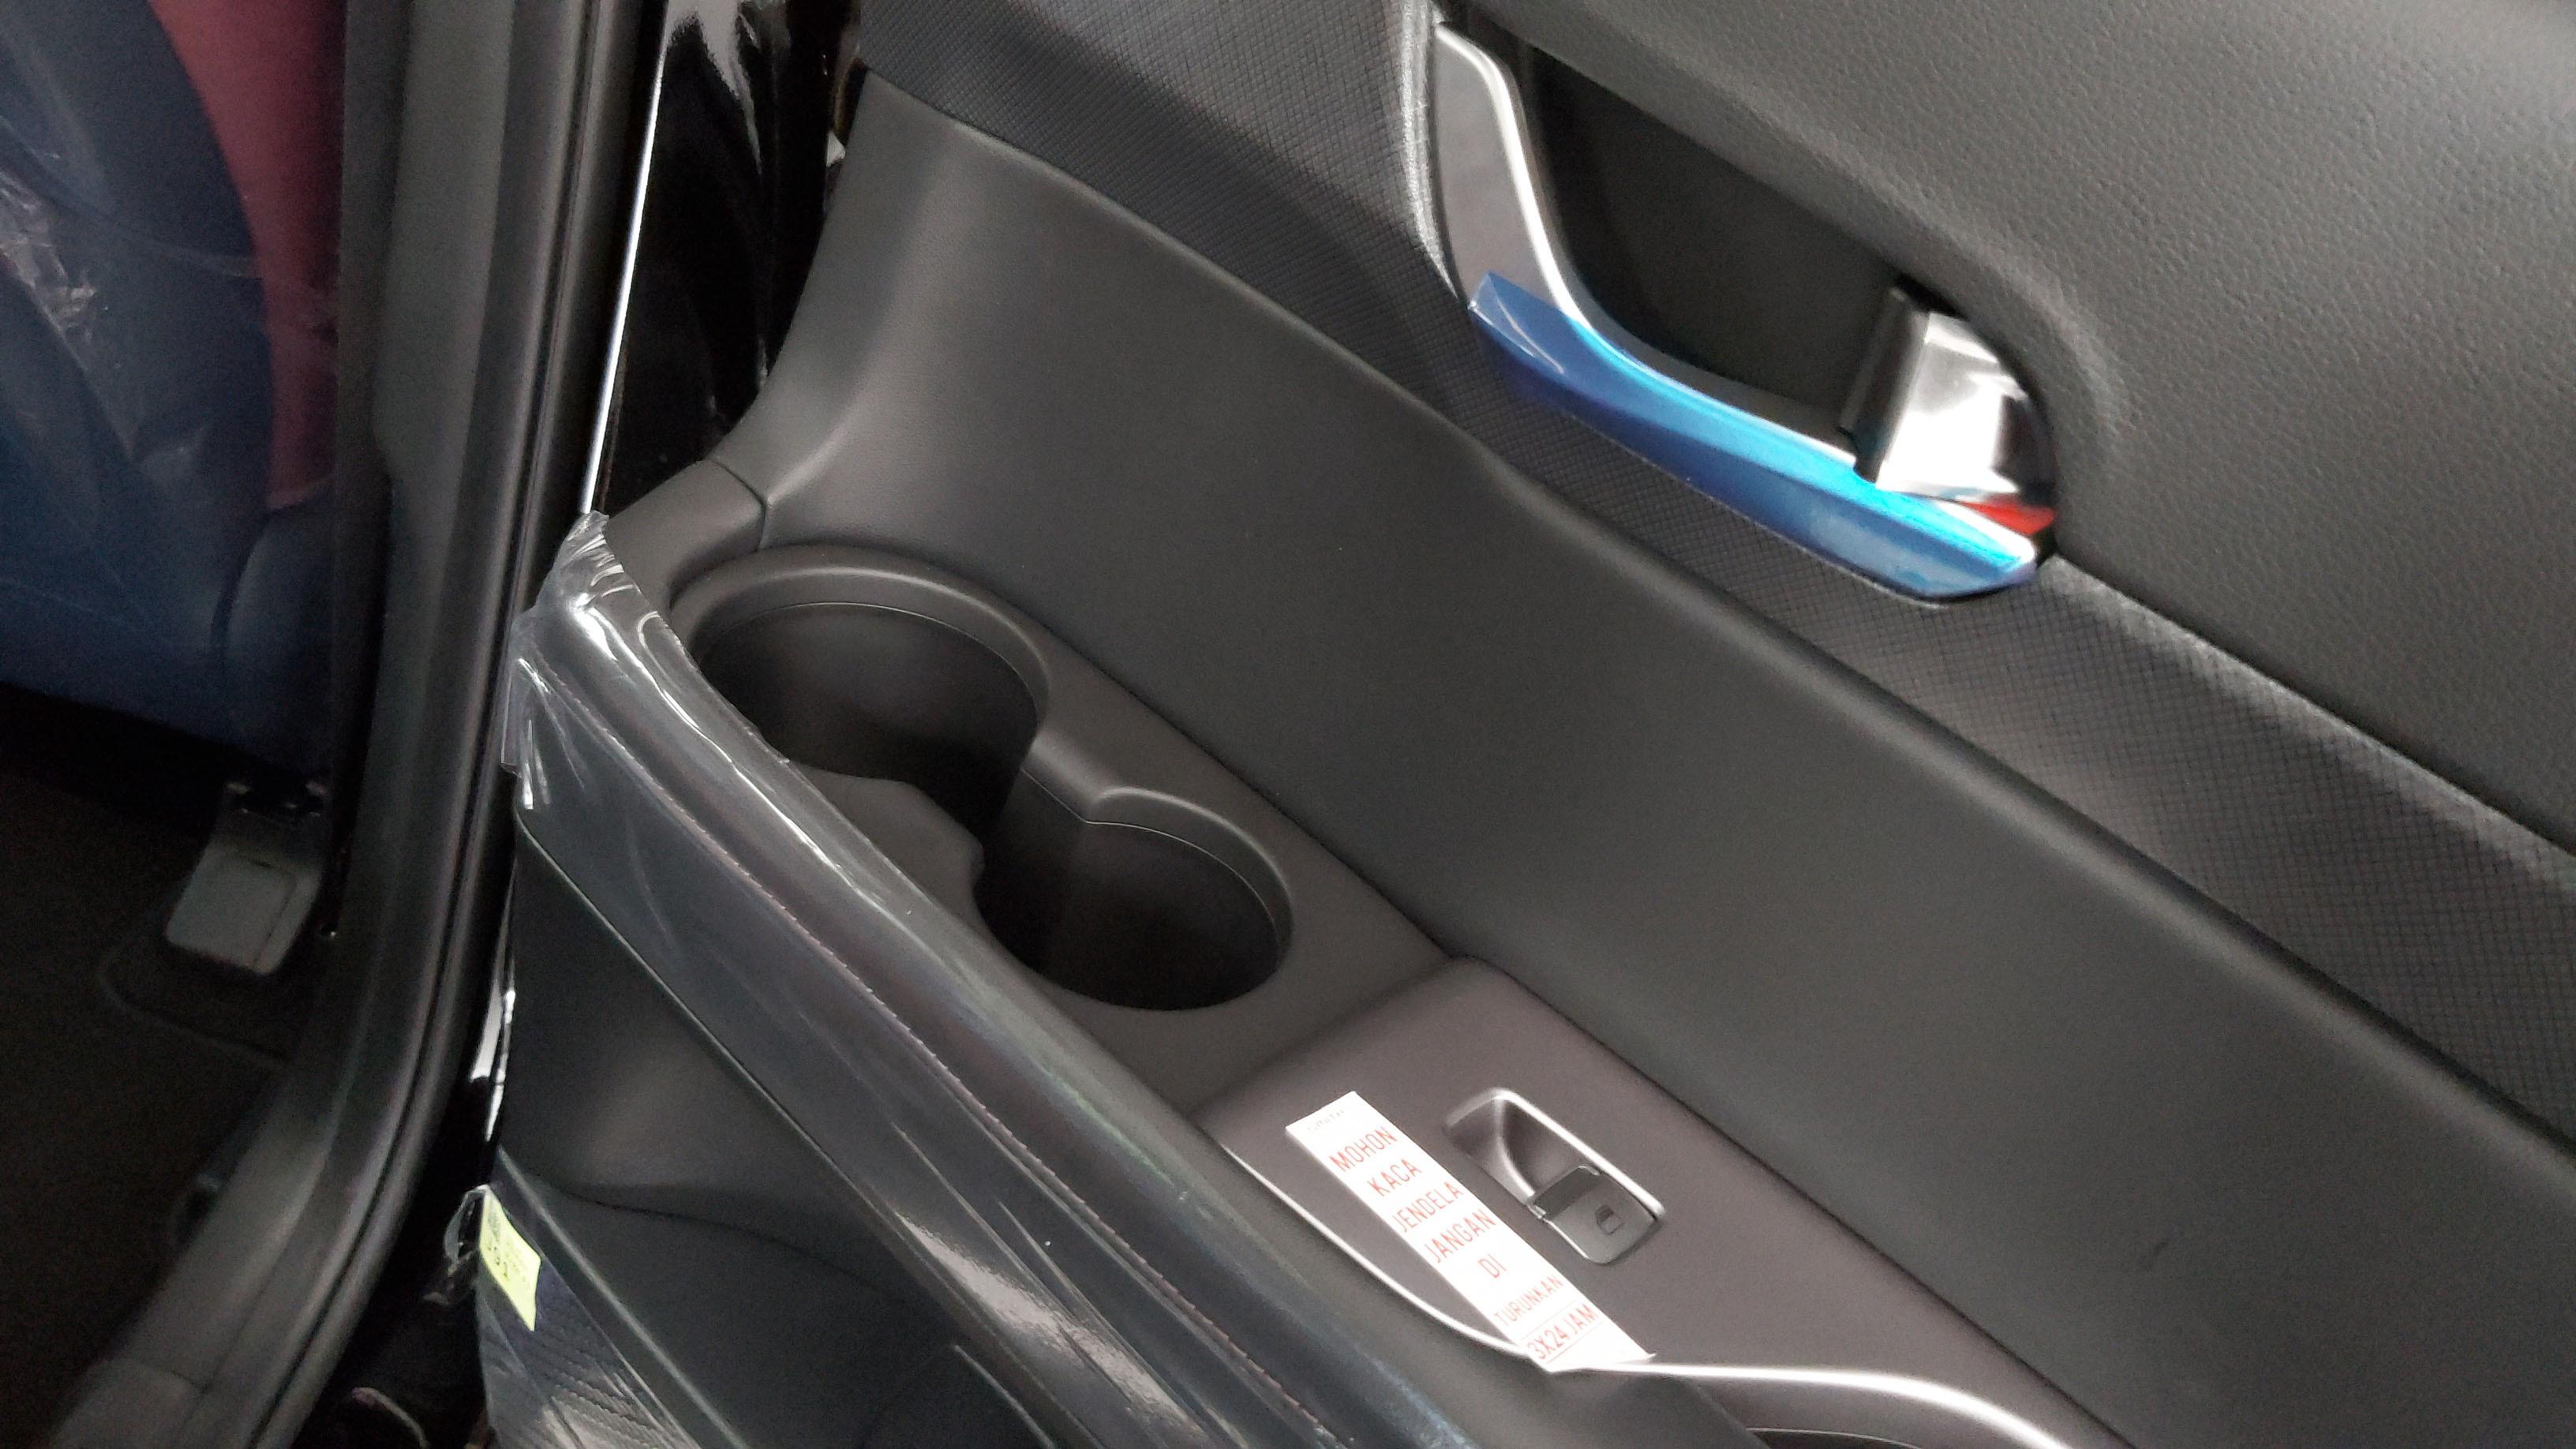 Cup Holder Di Hyundai Palisade Sangat Melimpah Jumlahnya